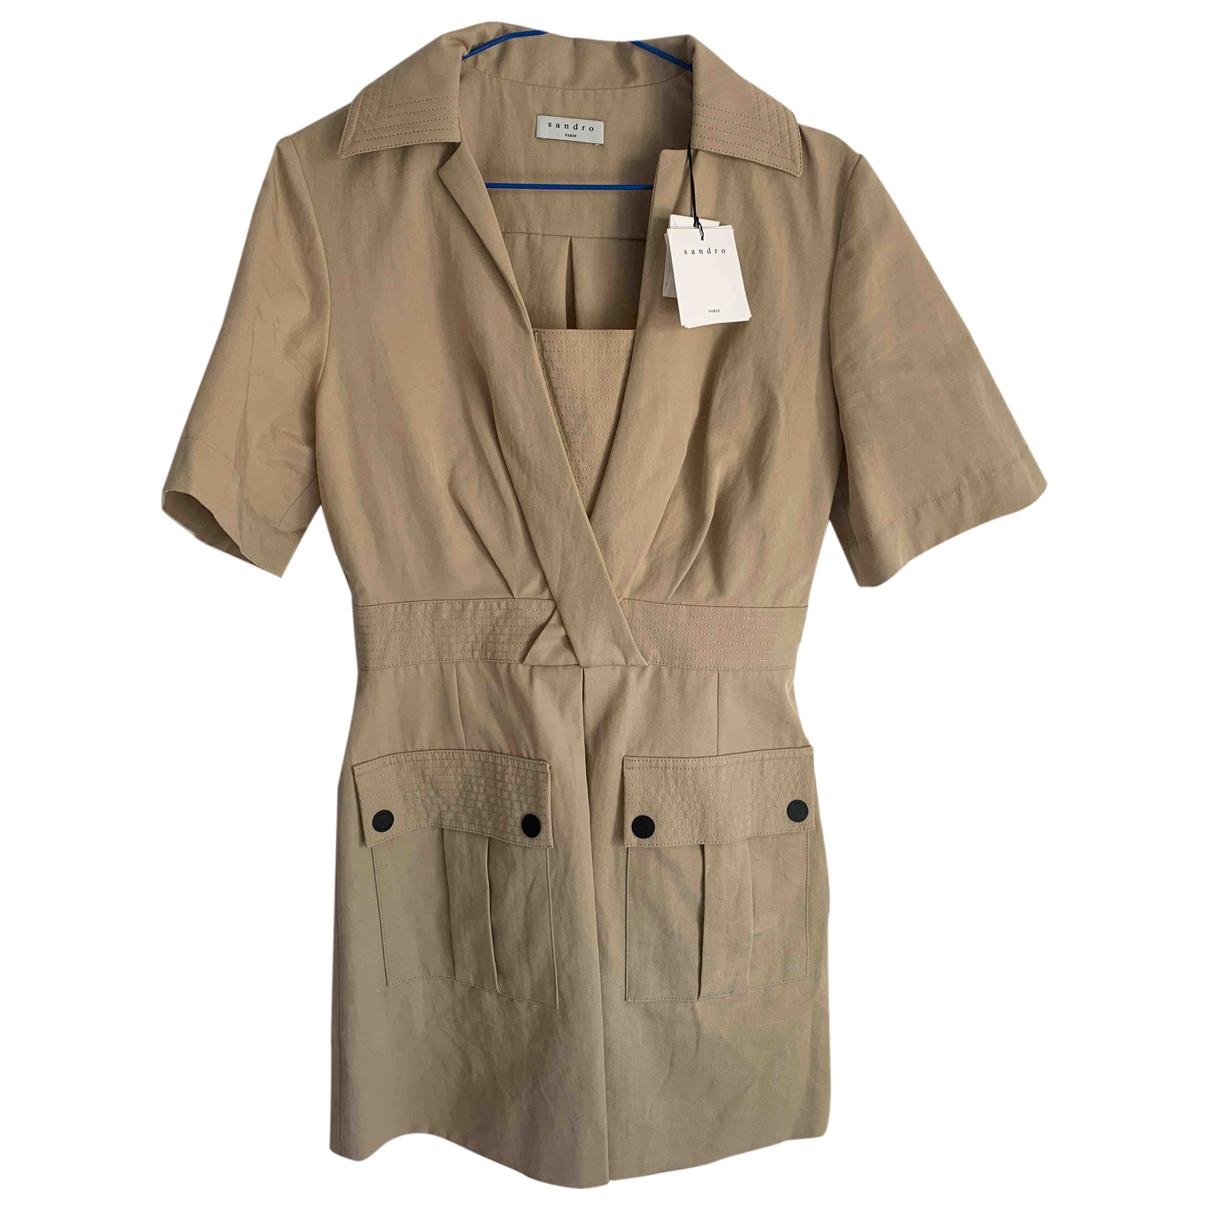 Sandro \N Beige Cotton dress for Women 36 FR